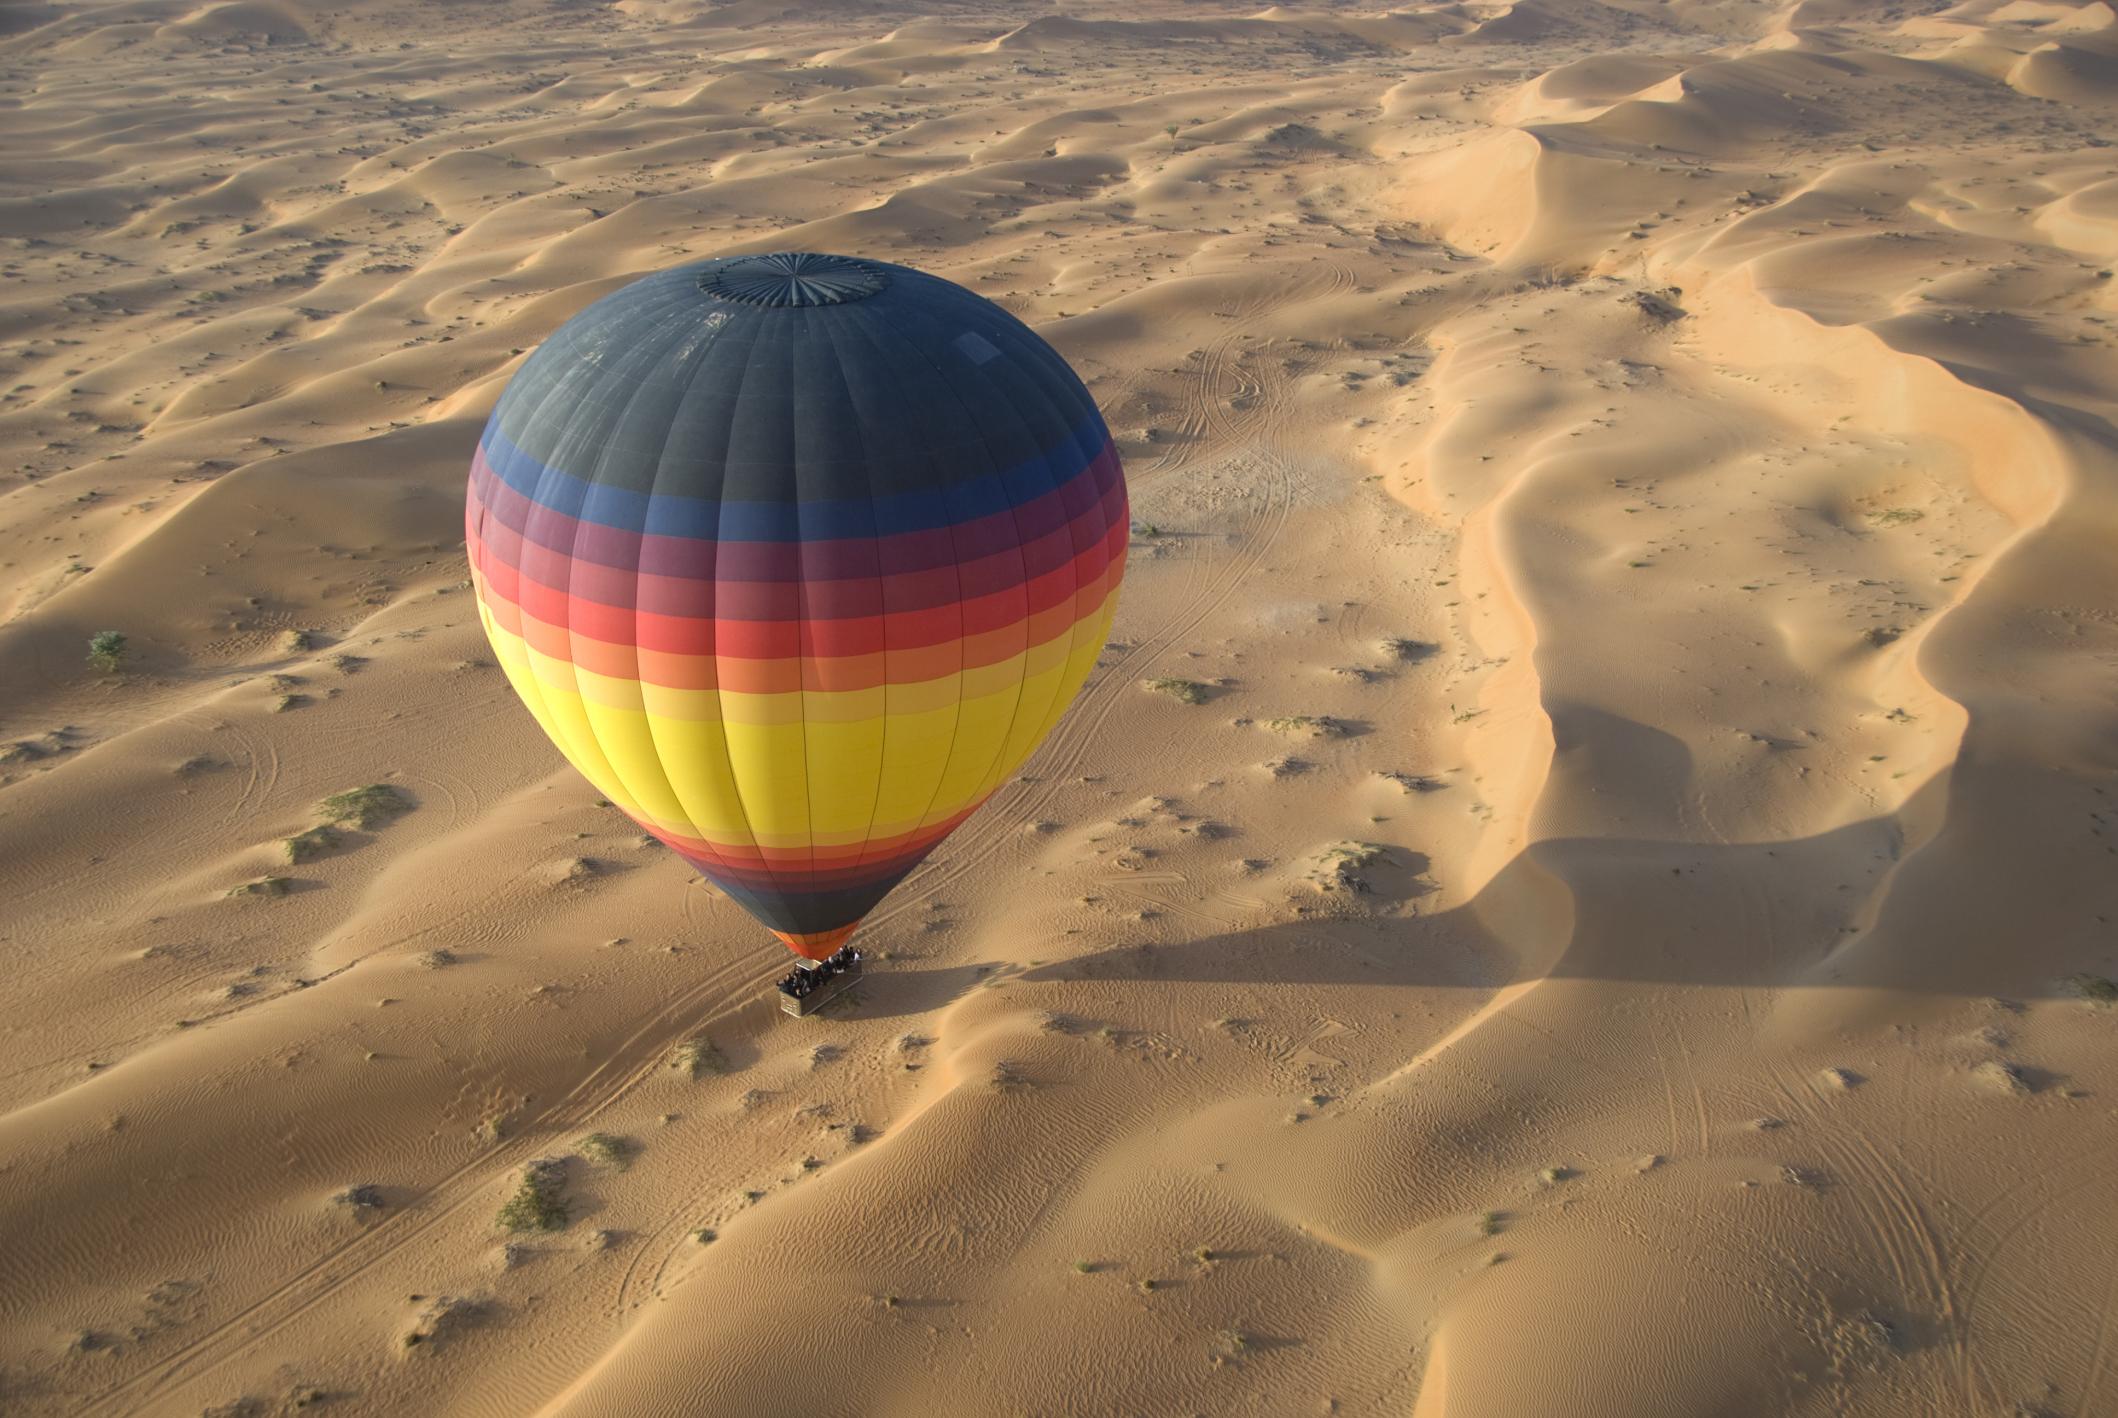 坐一次热球多少钱_迪拜热气球多少钱一次